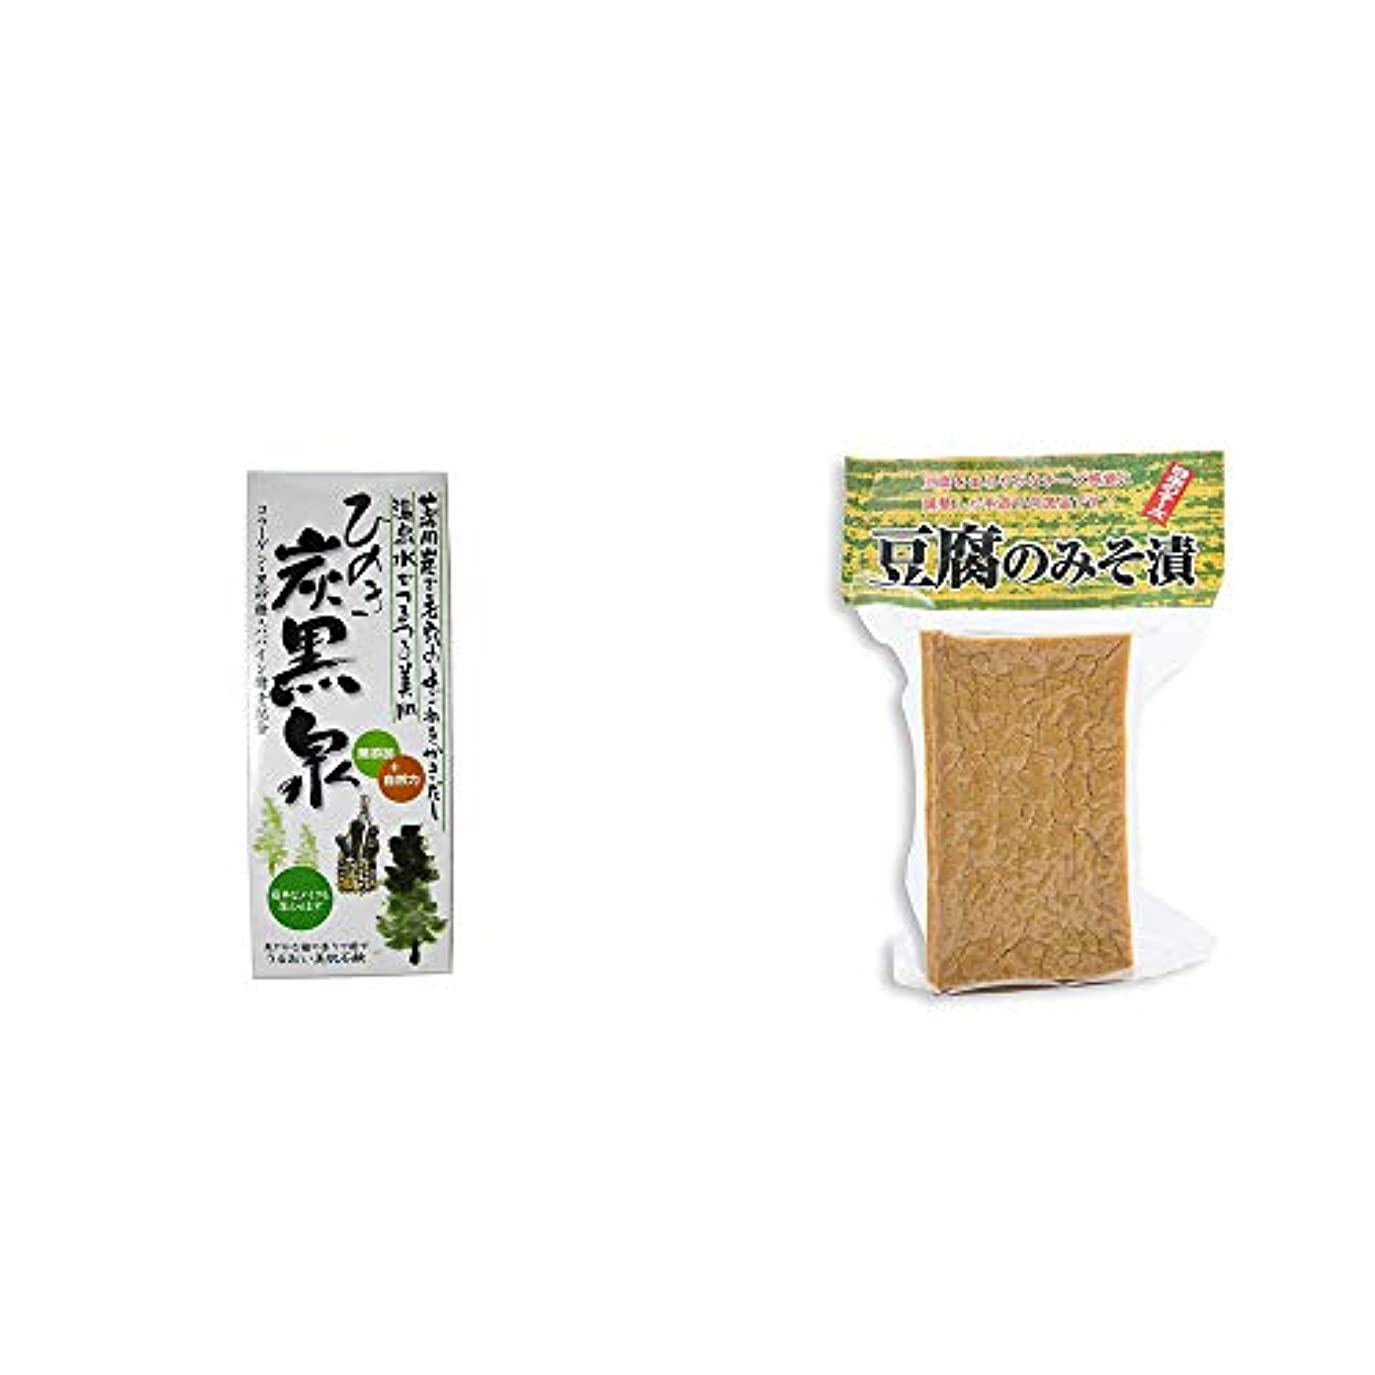 余韻細心のディスク[2点セット] ひのき炭黒泉 箱入り(75g×3)?日本のチーズ 豆腐のみそ漬(1個入)